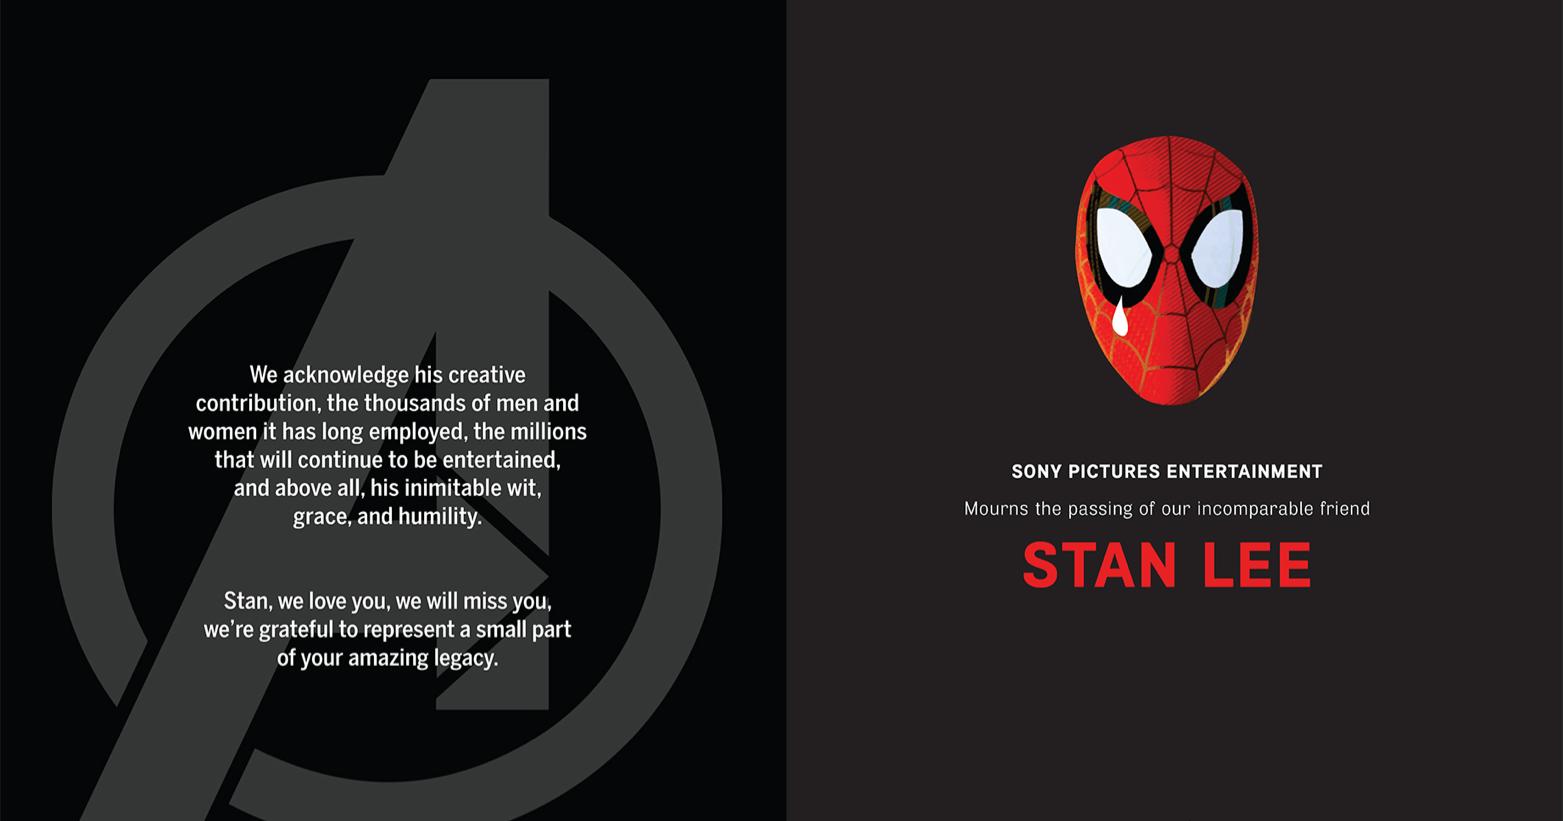 紀念史丹李  初代復仇者聯盟英雄們及各大影業  刊登全版紀念廣告首圖